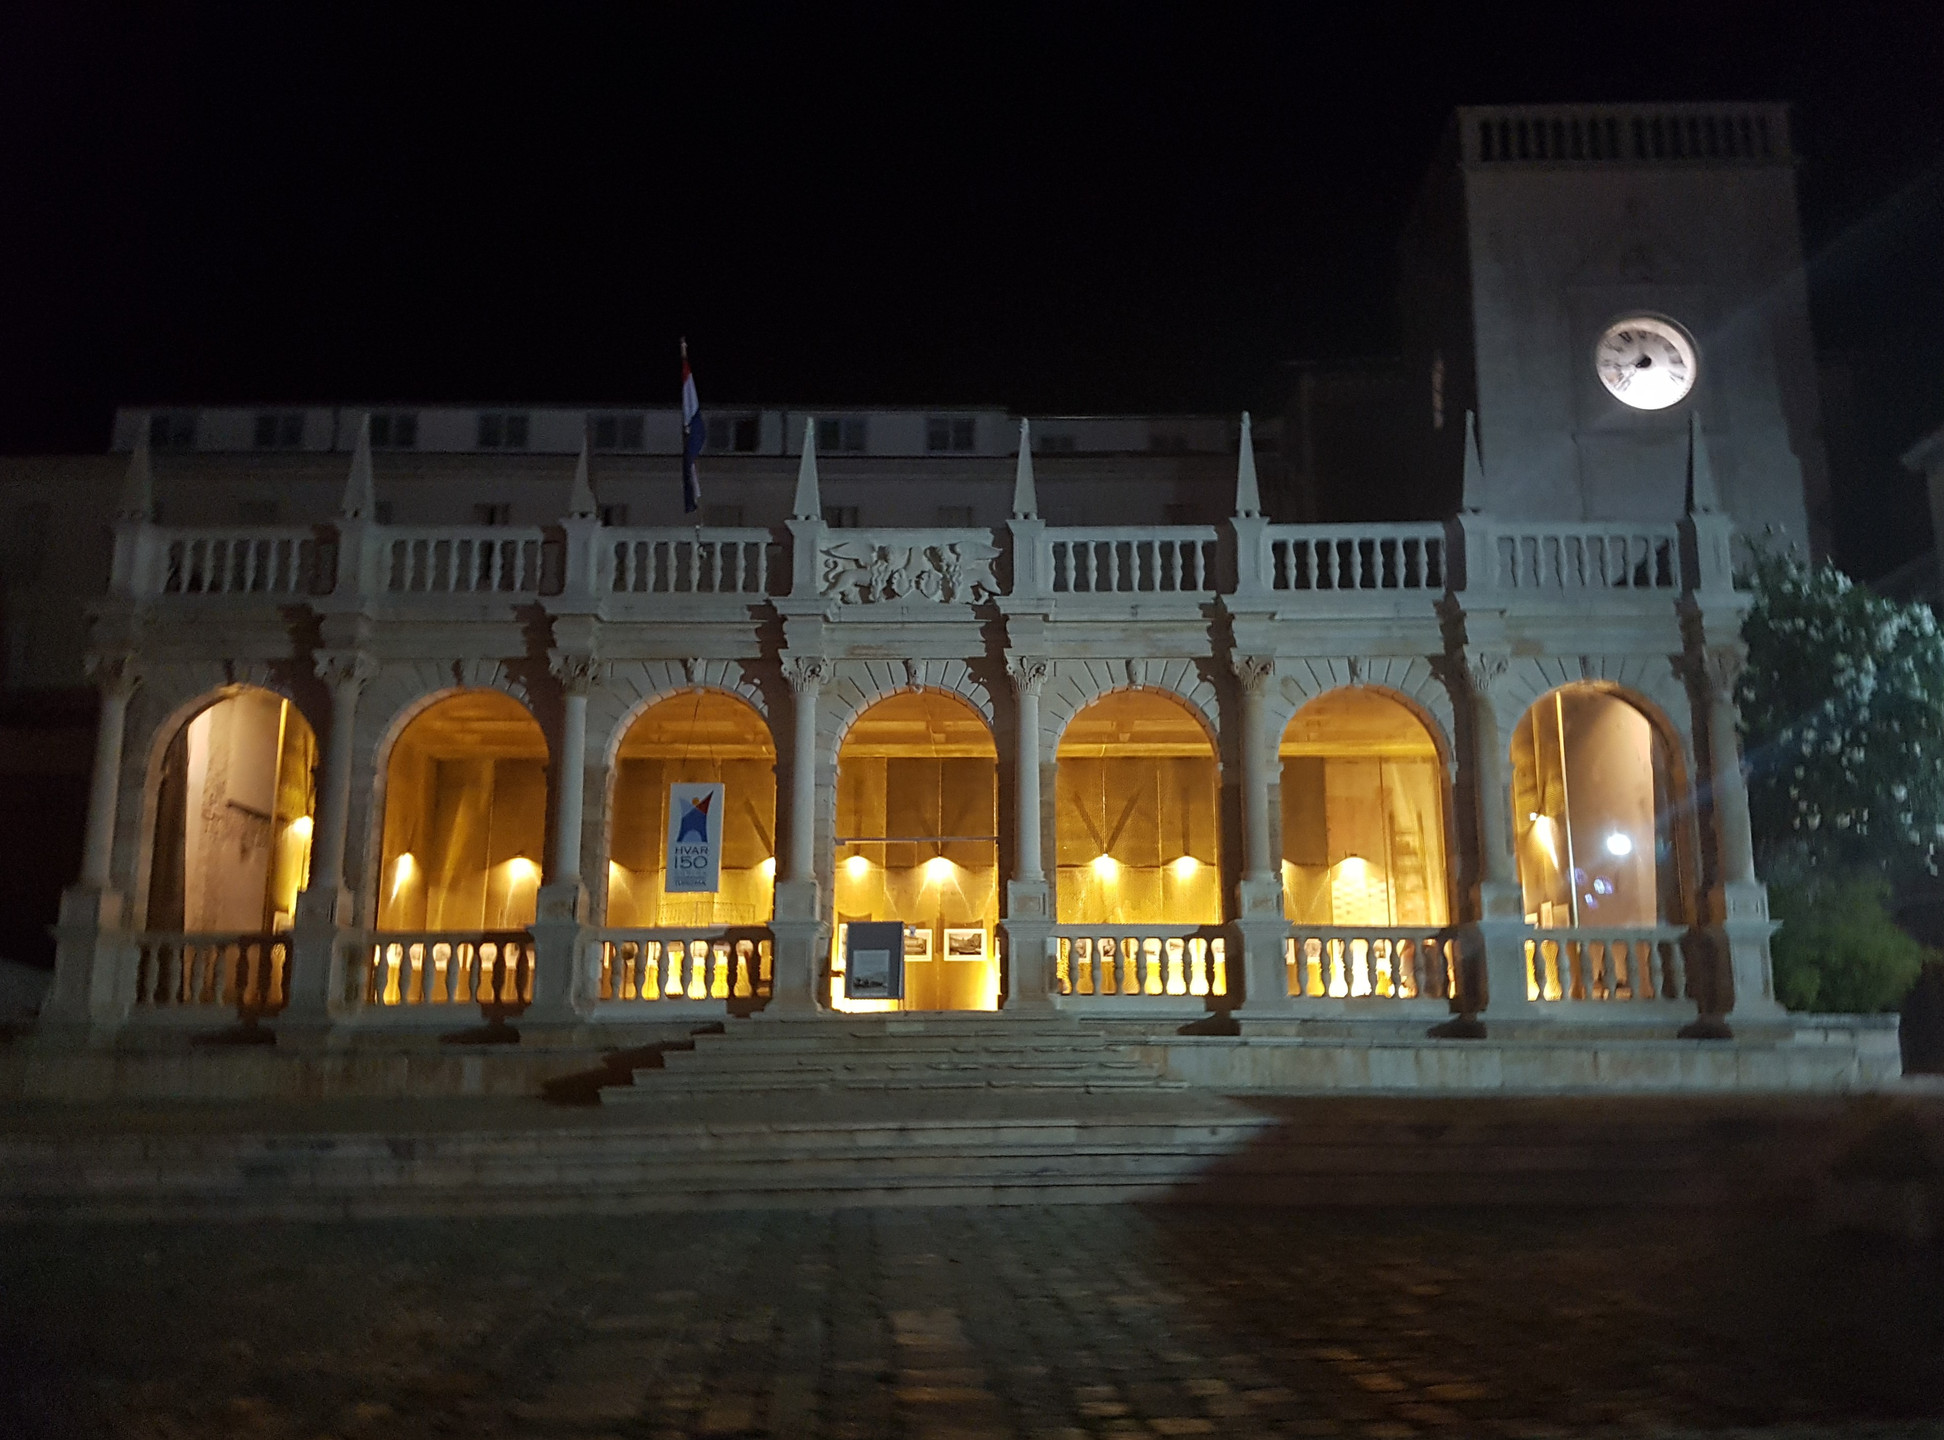 5 Loggia & Clock Tower